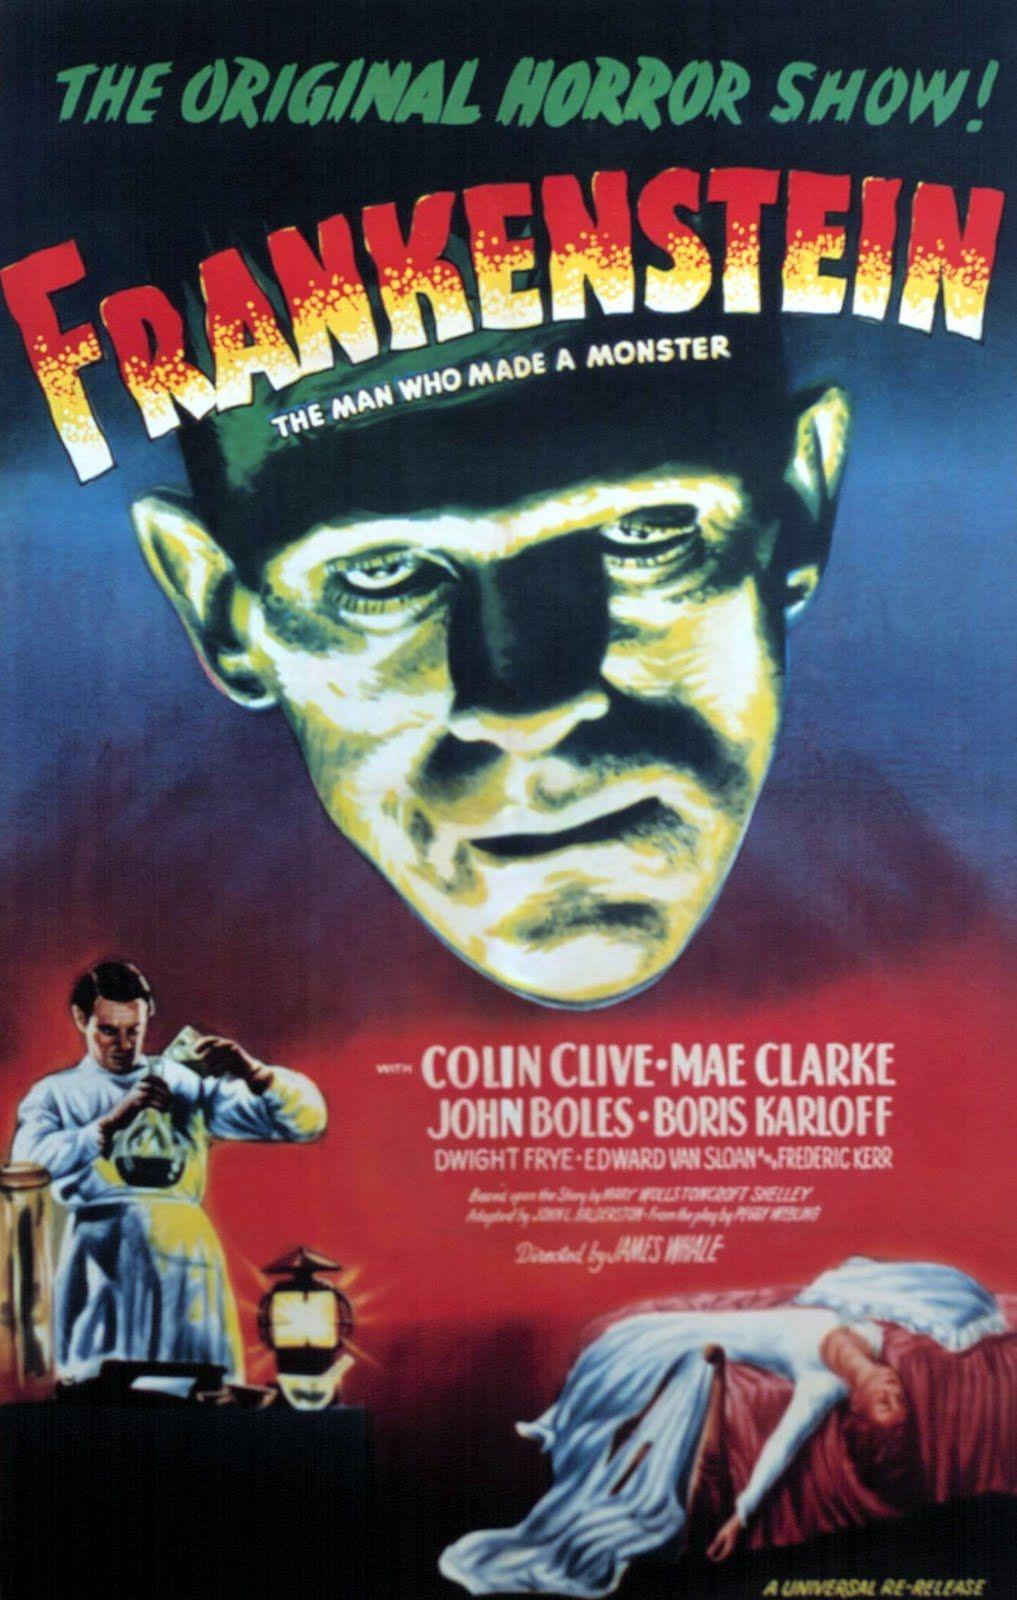 frankenstein movie poster best picture of frankenstein frankenstein movie poster best picture of 1931 32 frankenstein prod carl laemmle